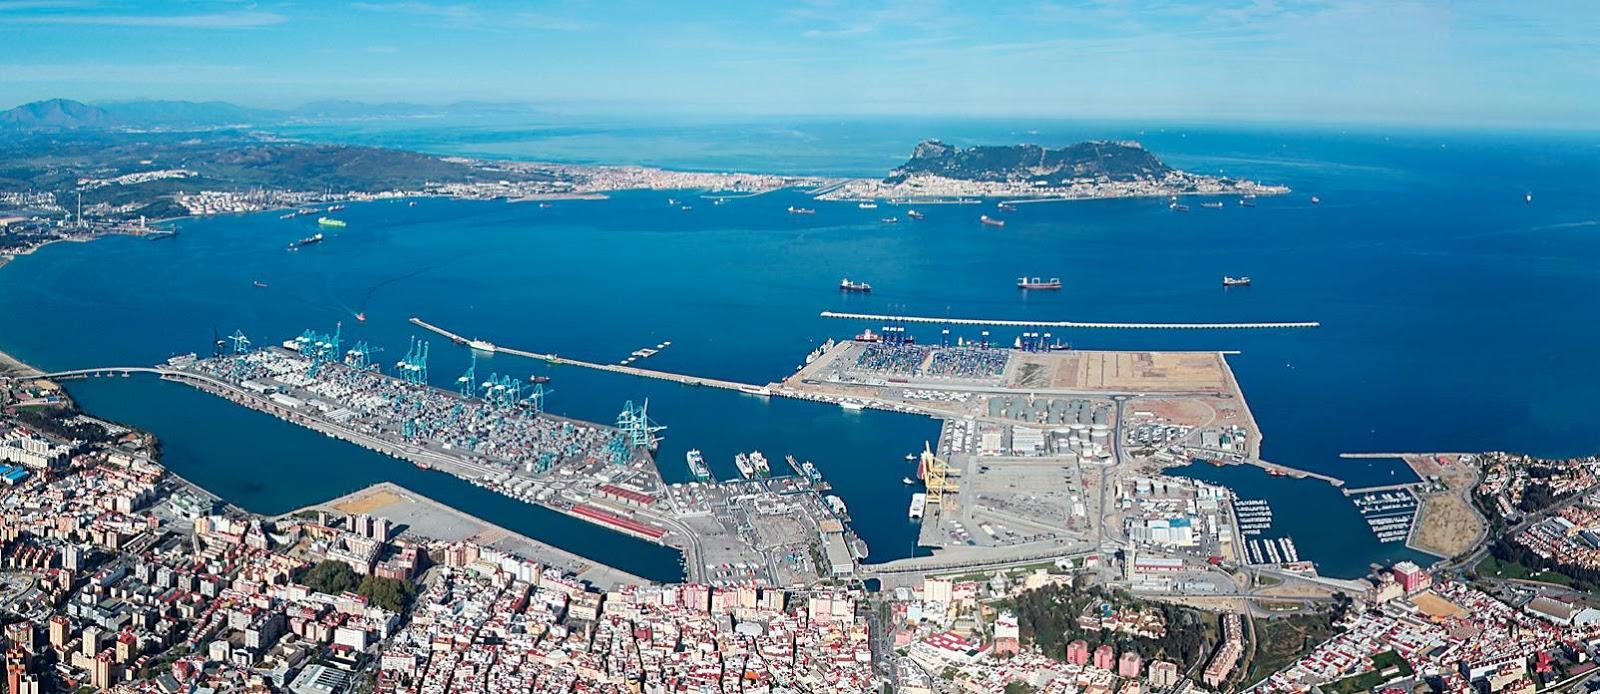 Gibraltar Strait Location